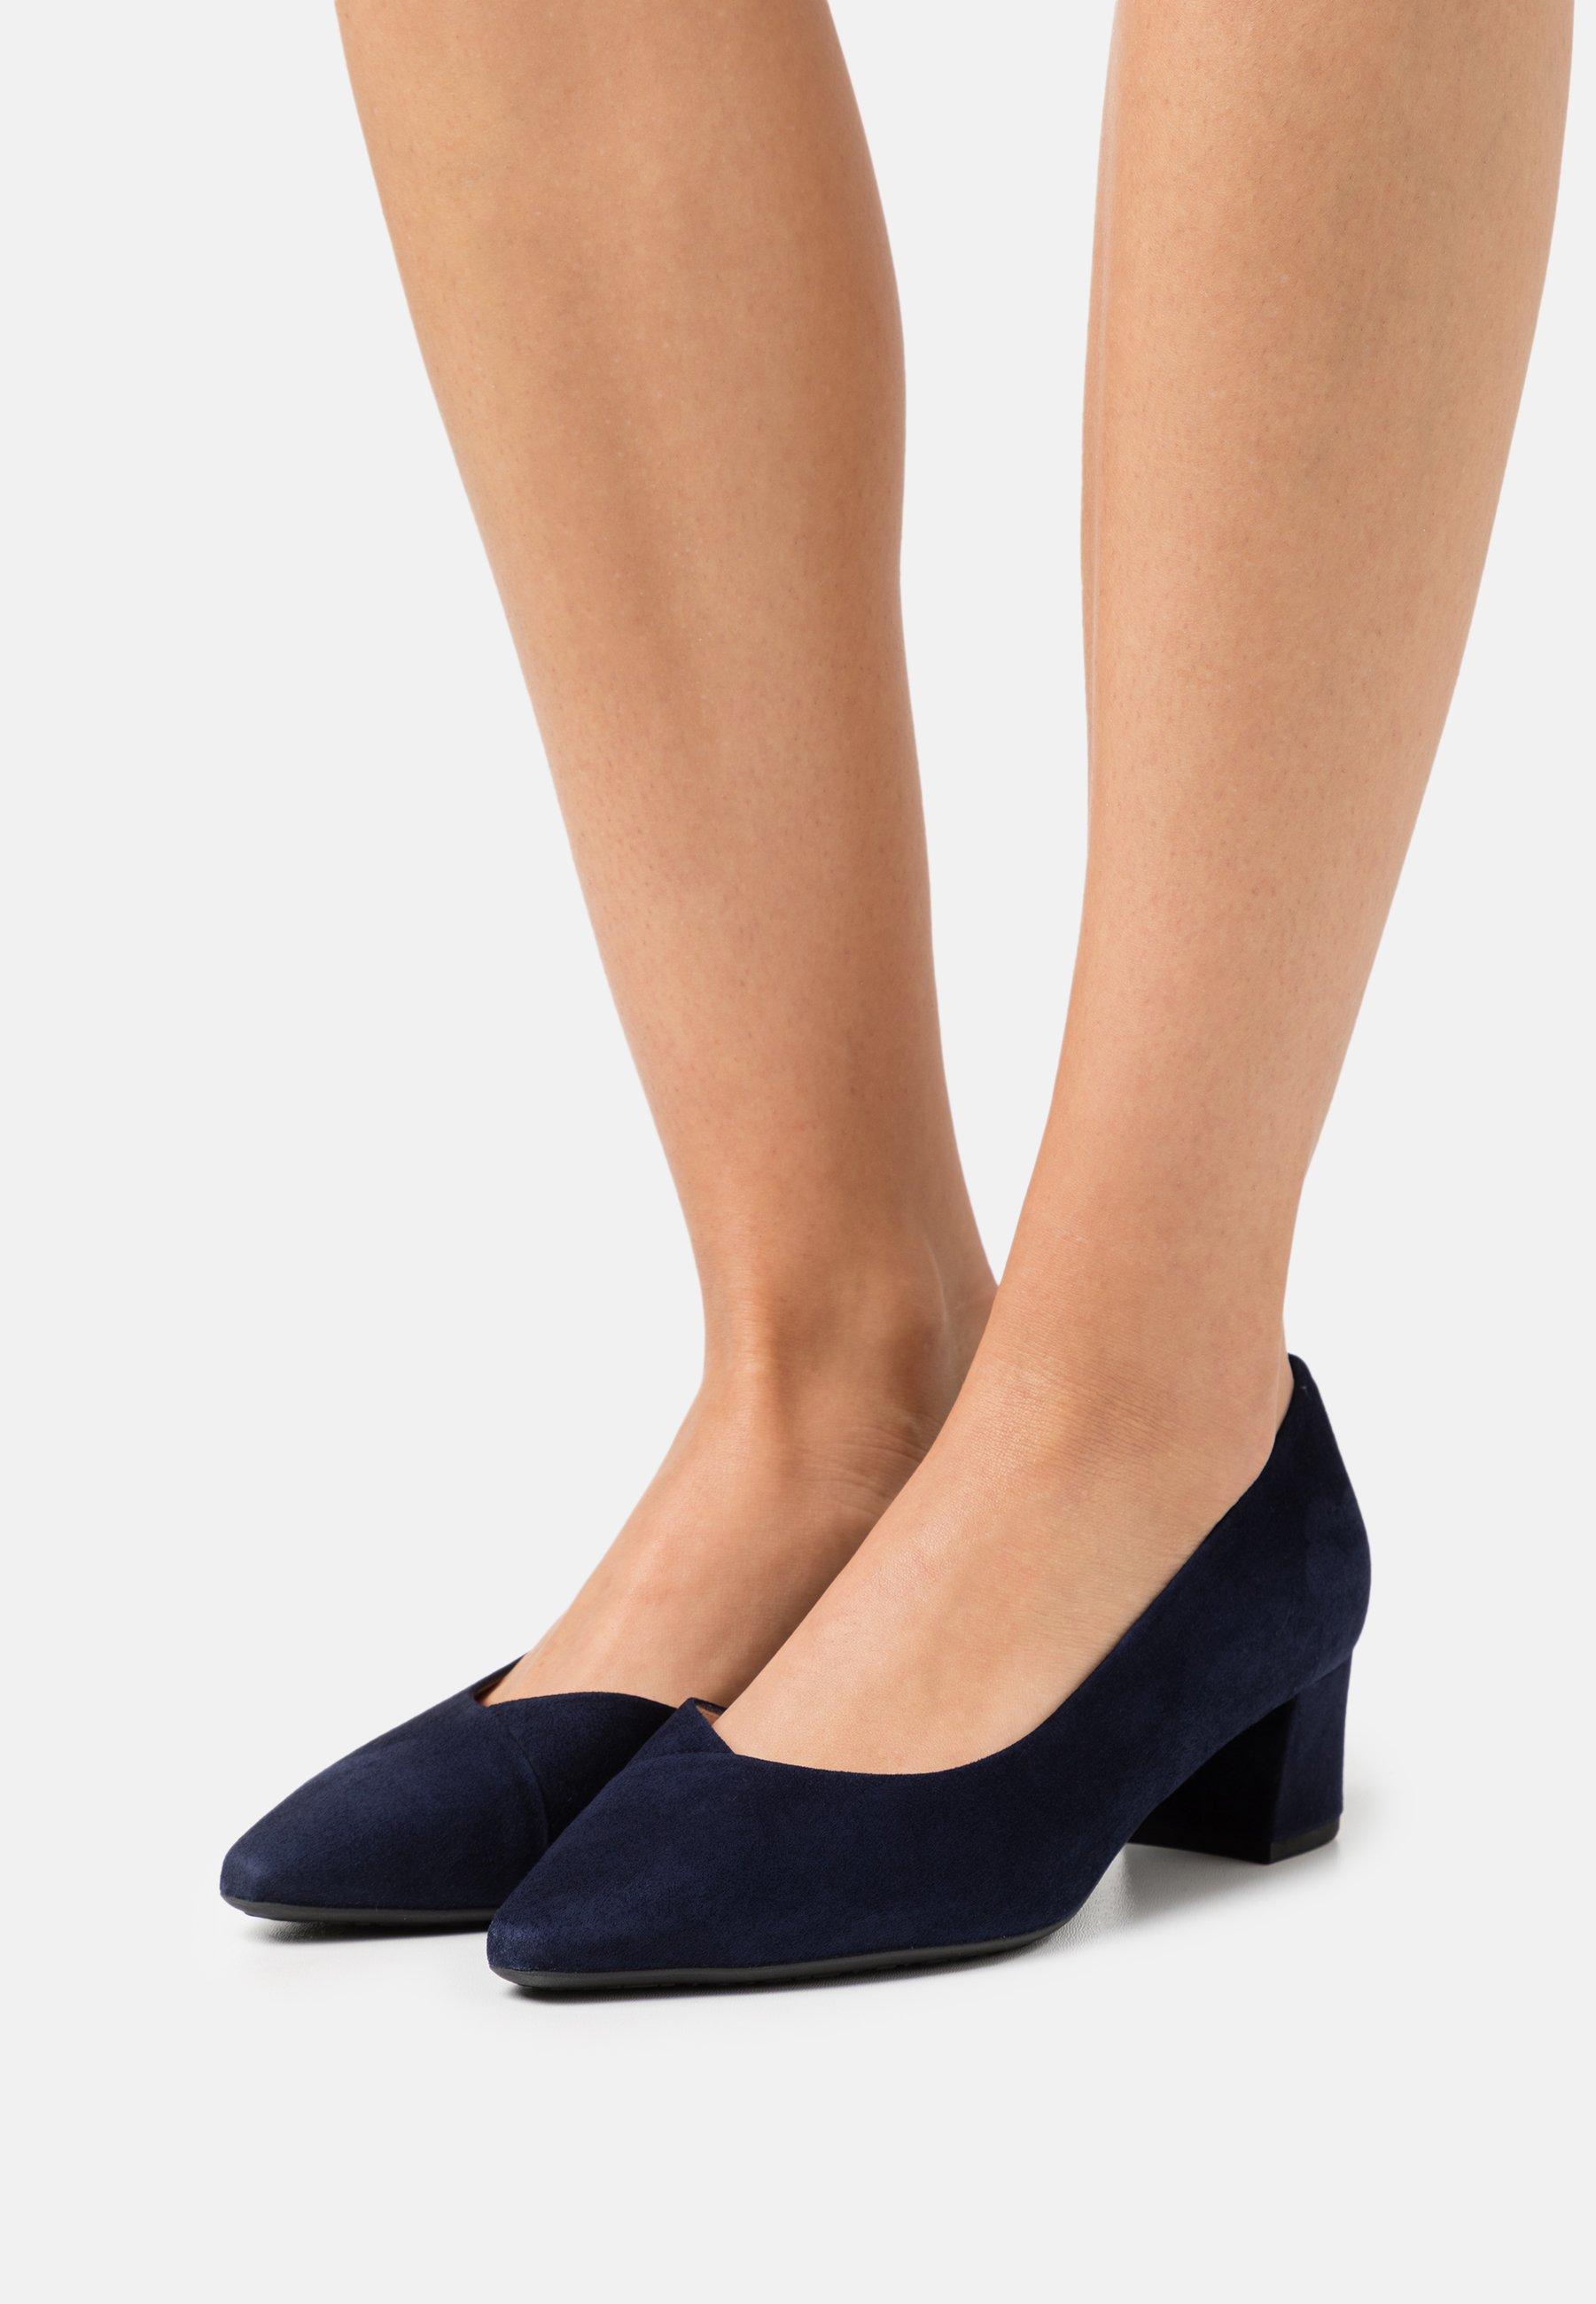 Women BIELA - Classic heels - notte